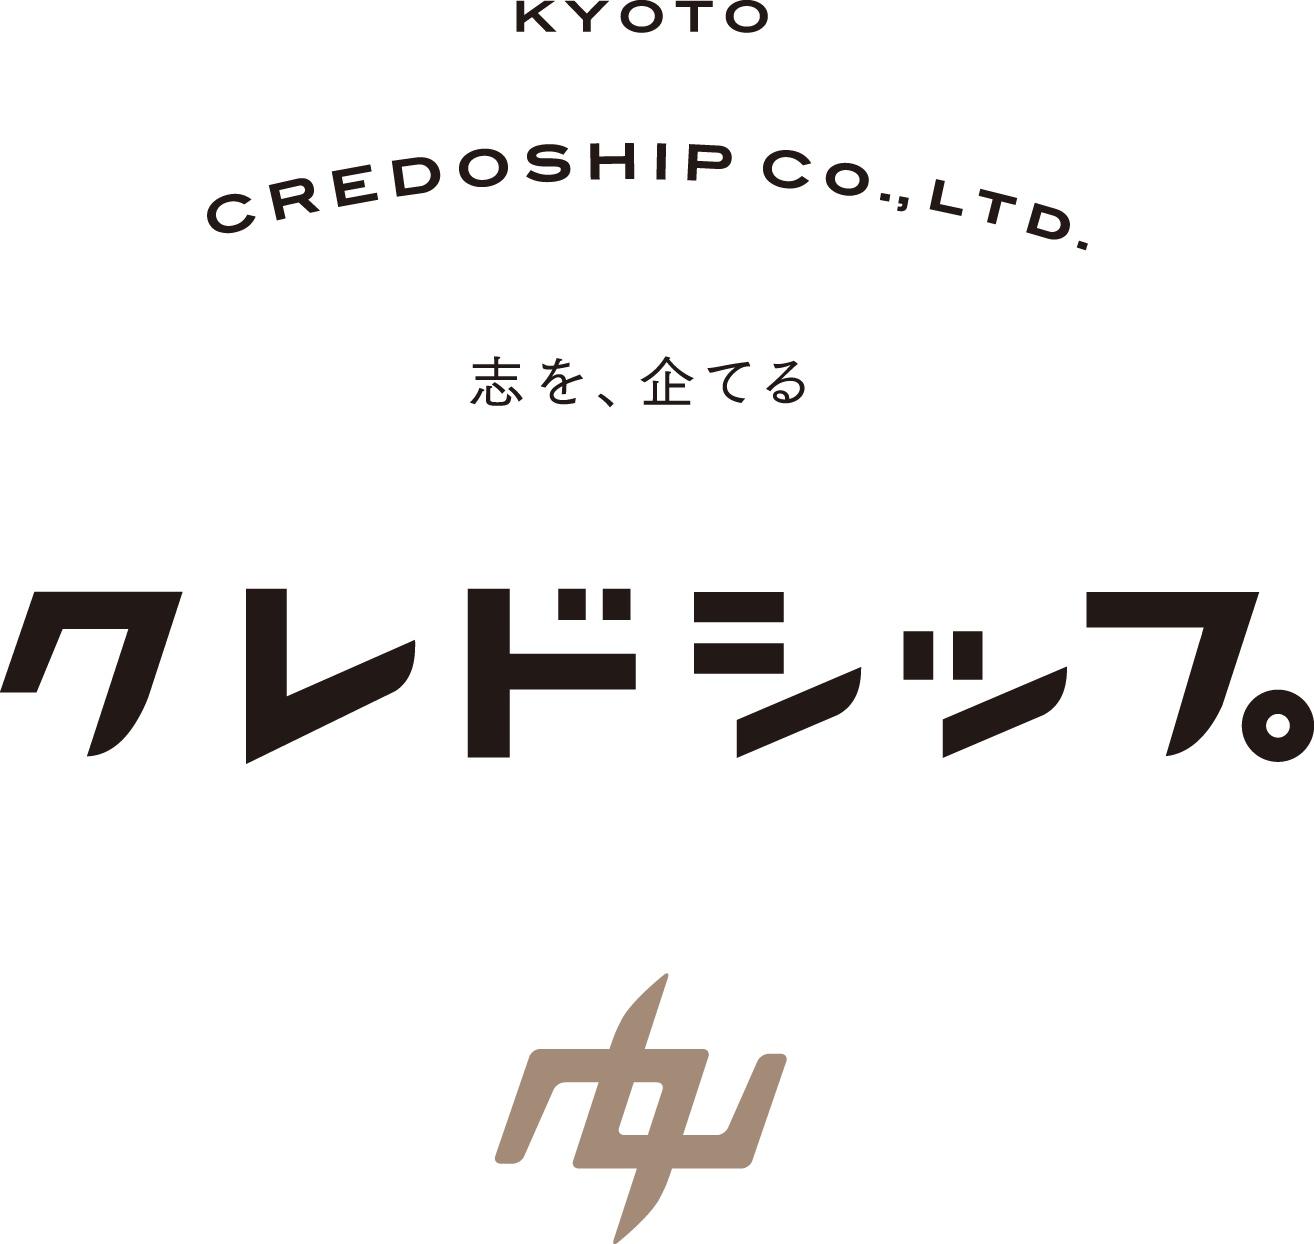 【社内】クレドのロゴ